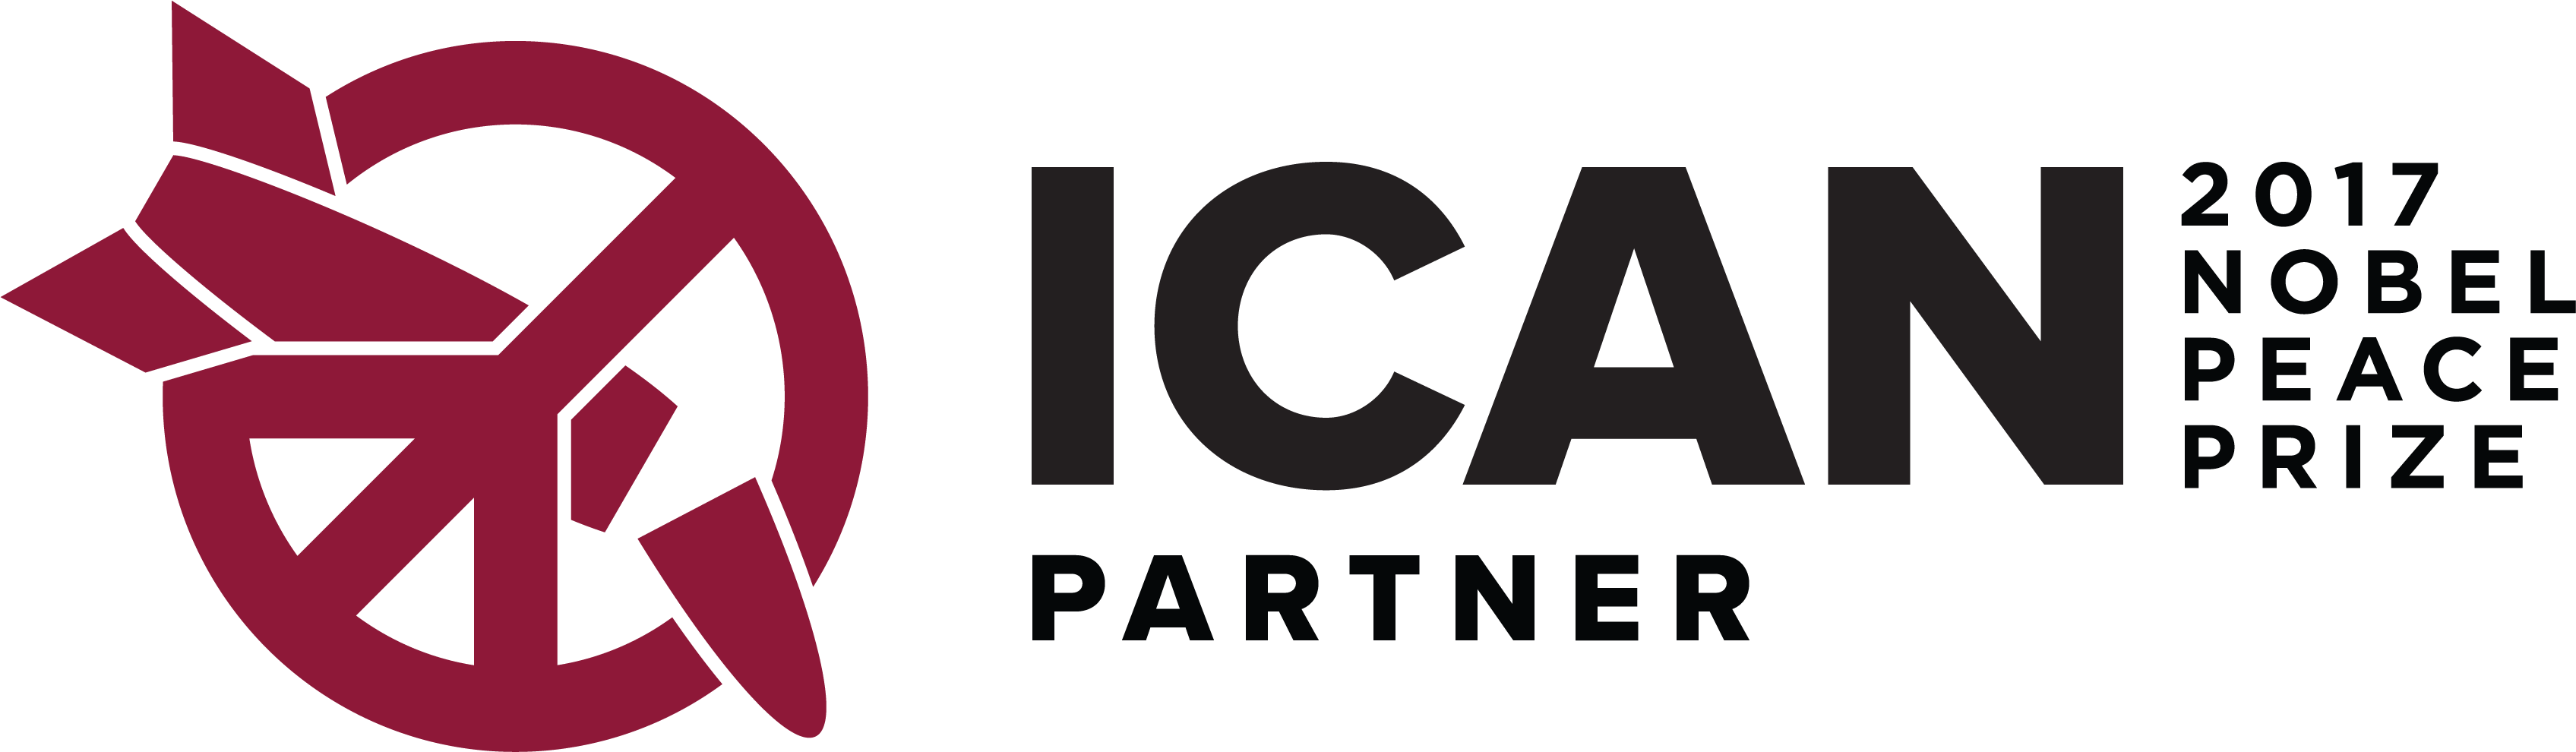 ICAN Partner